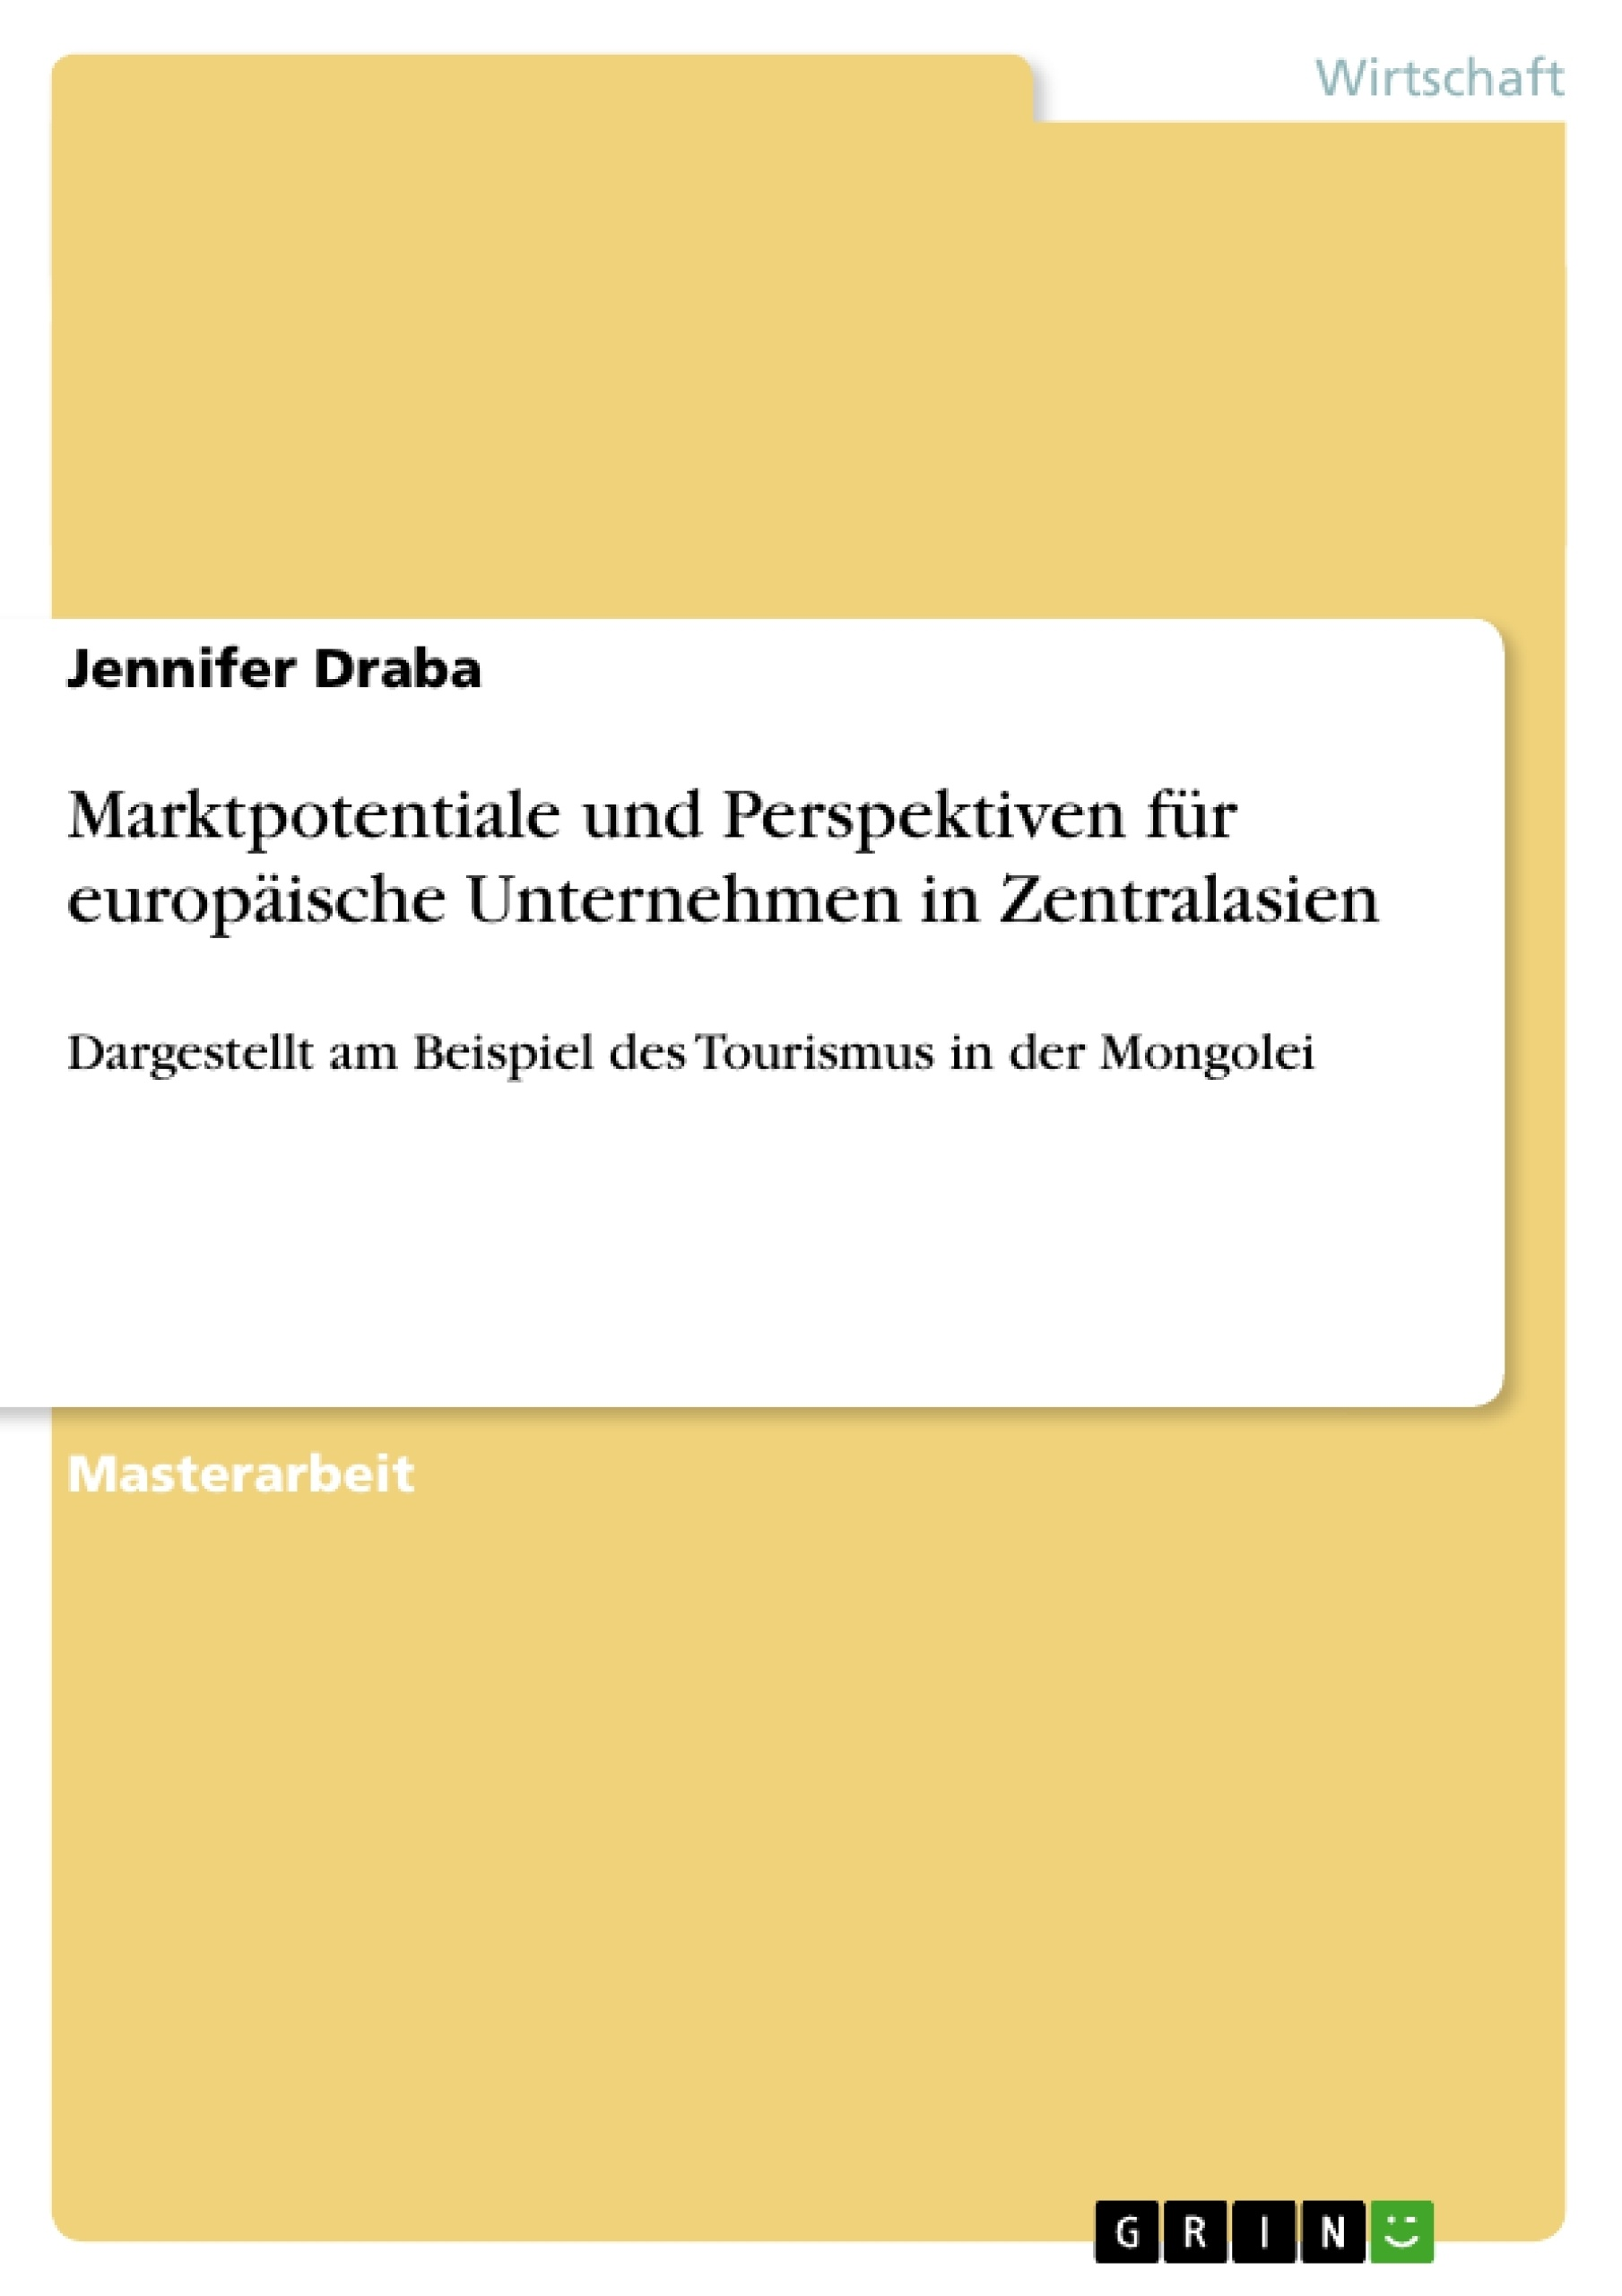 Titel: Marktpotentiale und Perspektiven für europäische Unternehmen in Zentralasien